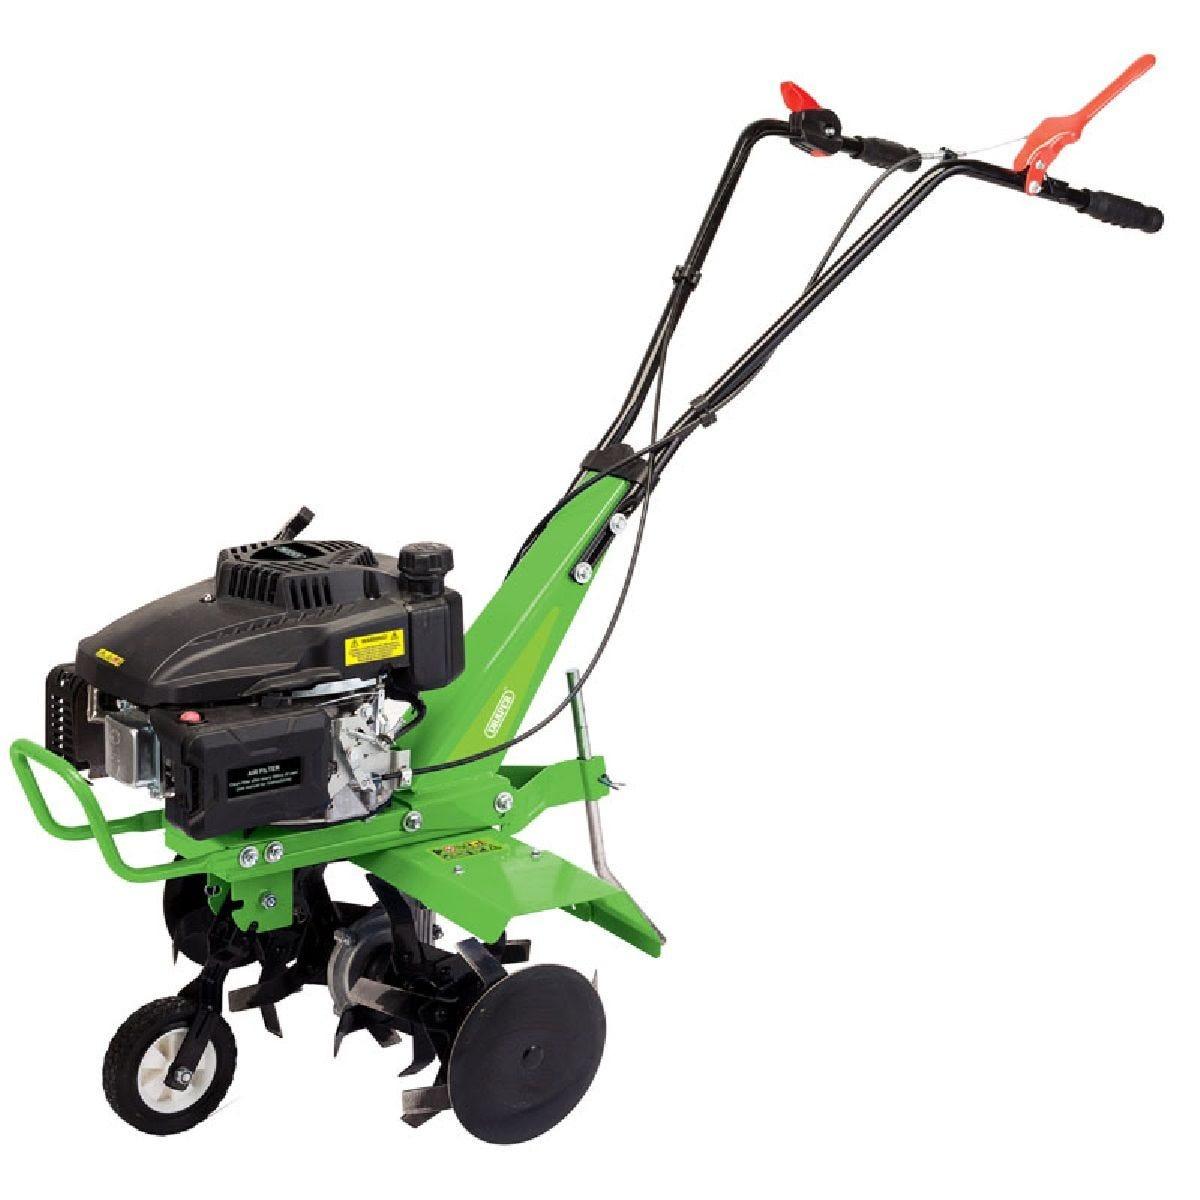 Draper Petrol Cultivator/Tiller (161cc)